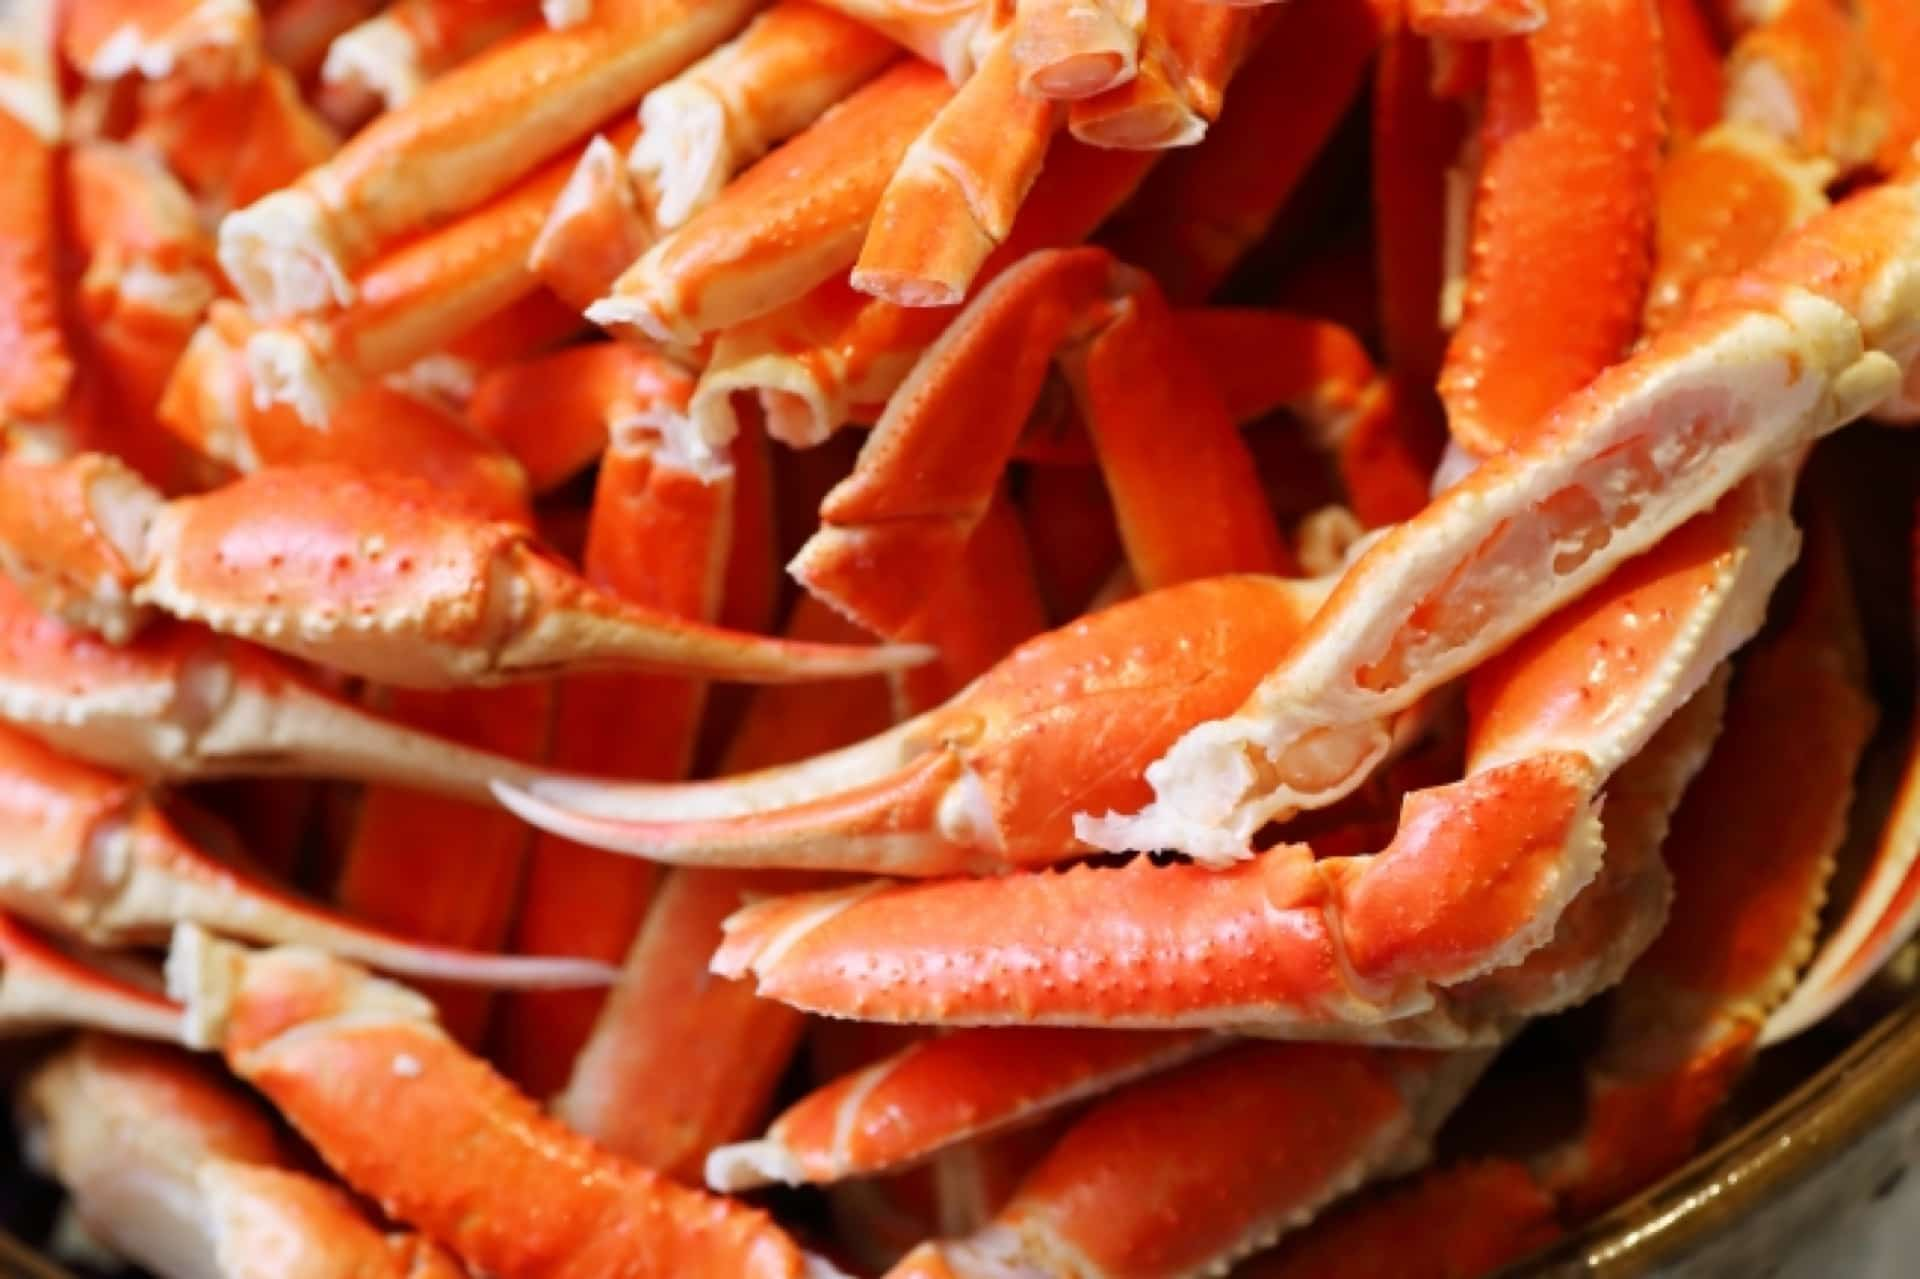 期間限定!神戸みなと温泉 蓮で「本ズワイ蟹食べ放題」が楽しめるよ。宿泊者限定のスペシャルビュッフェ